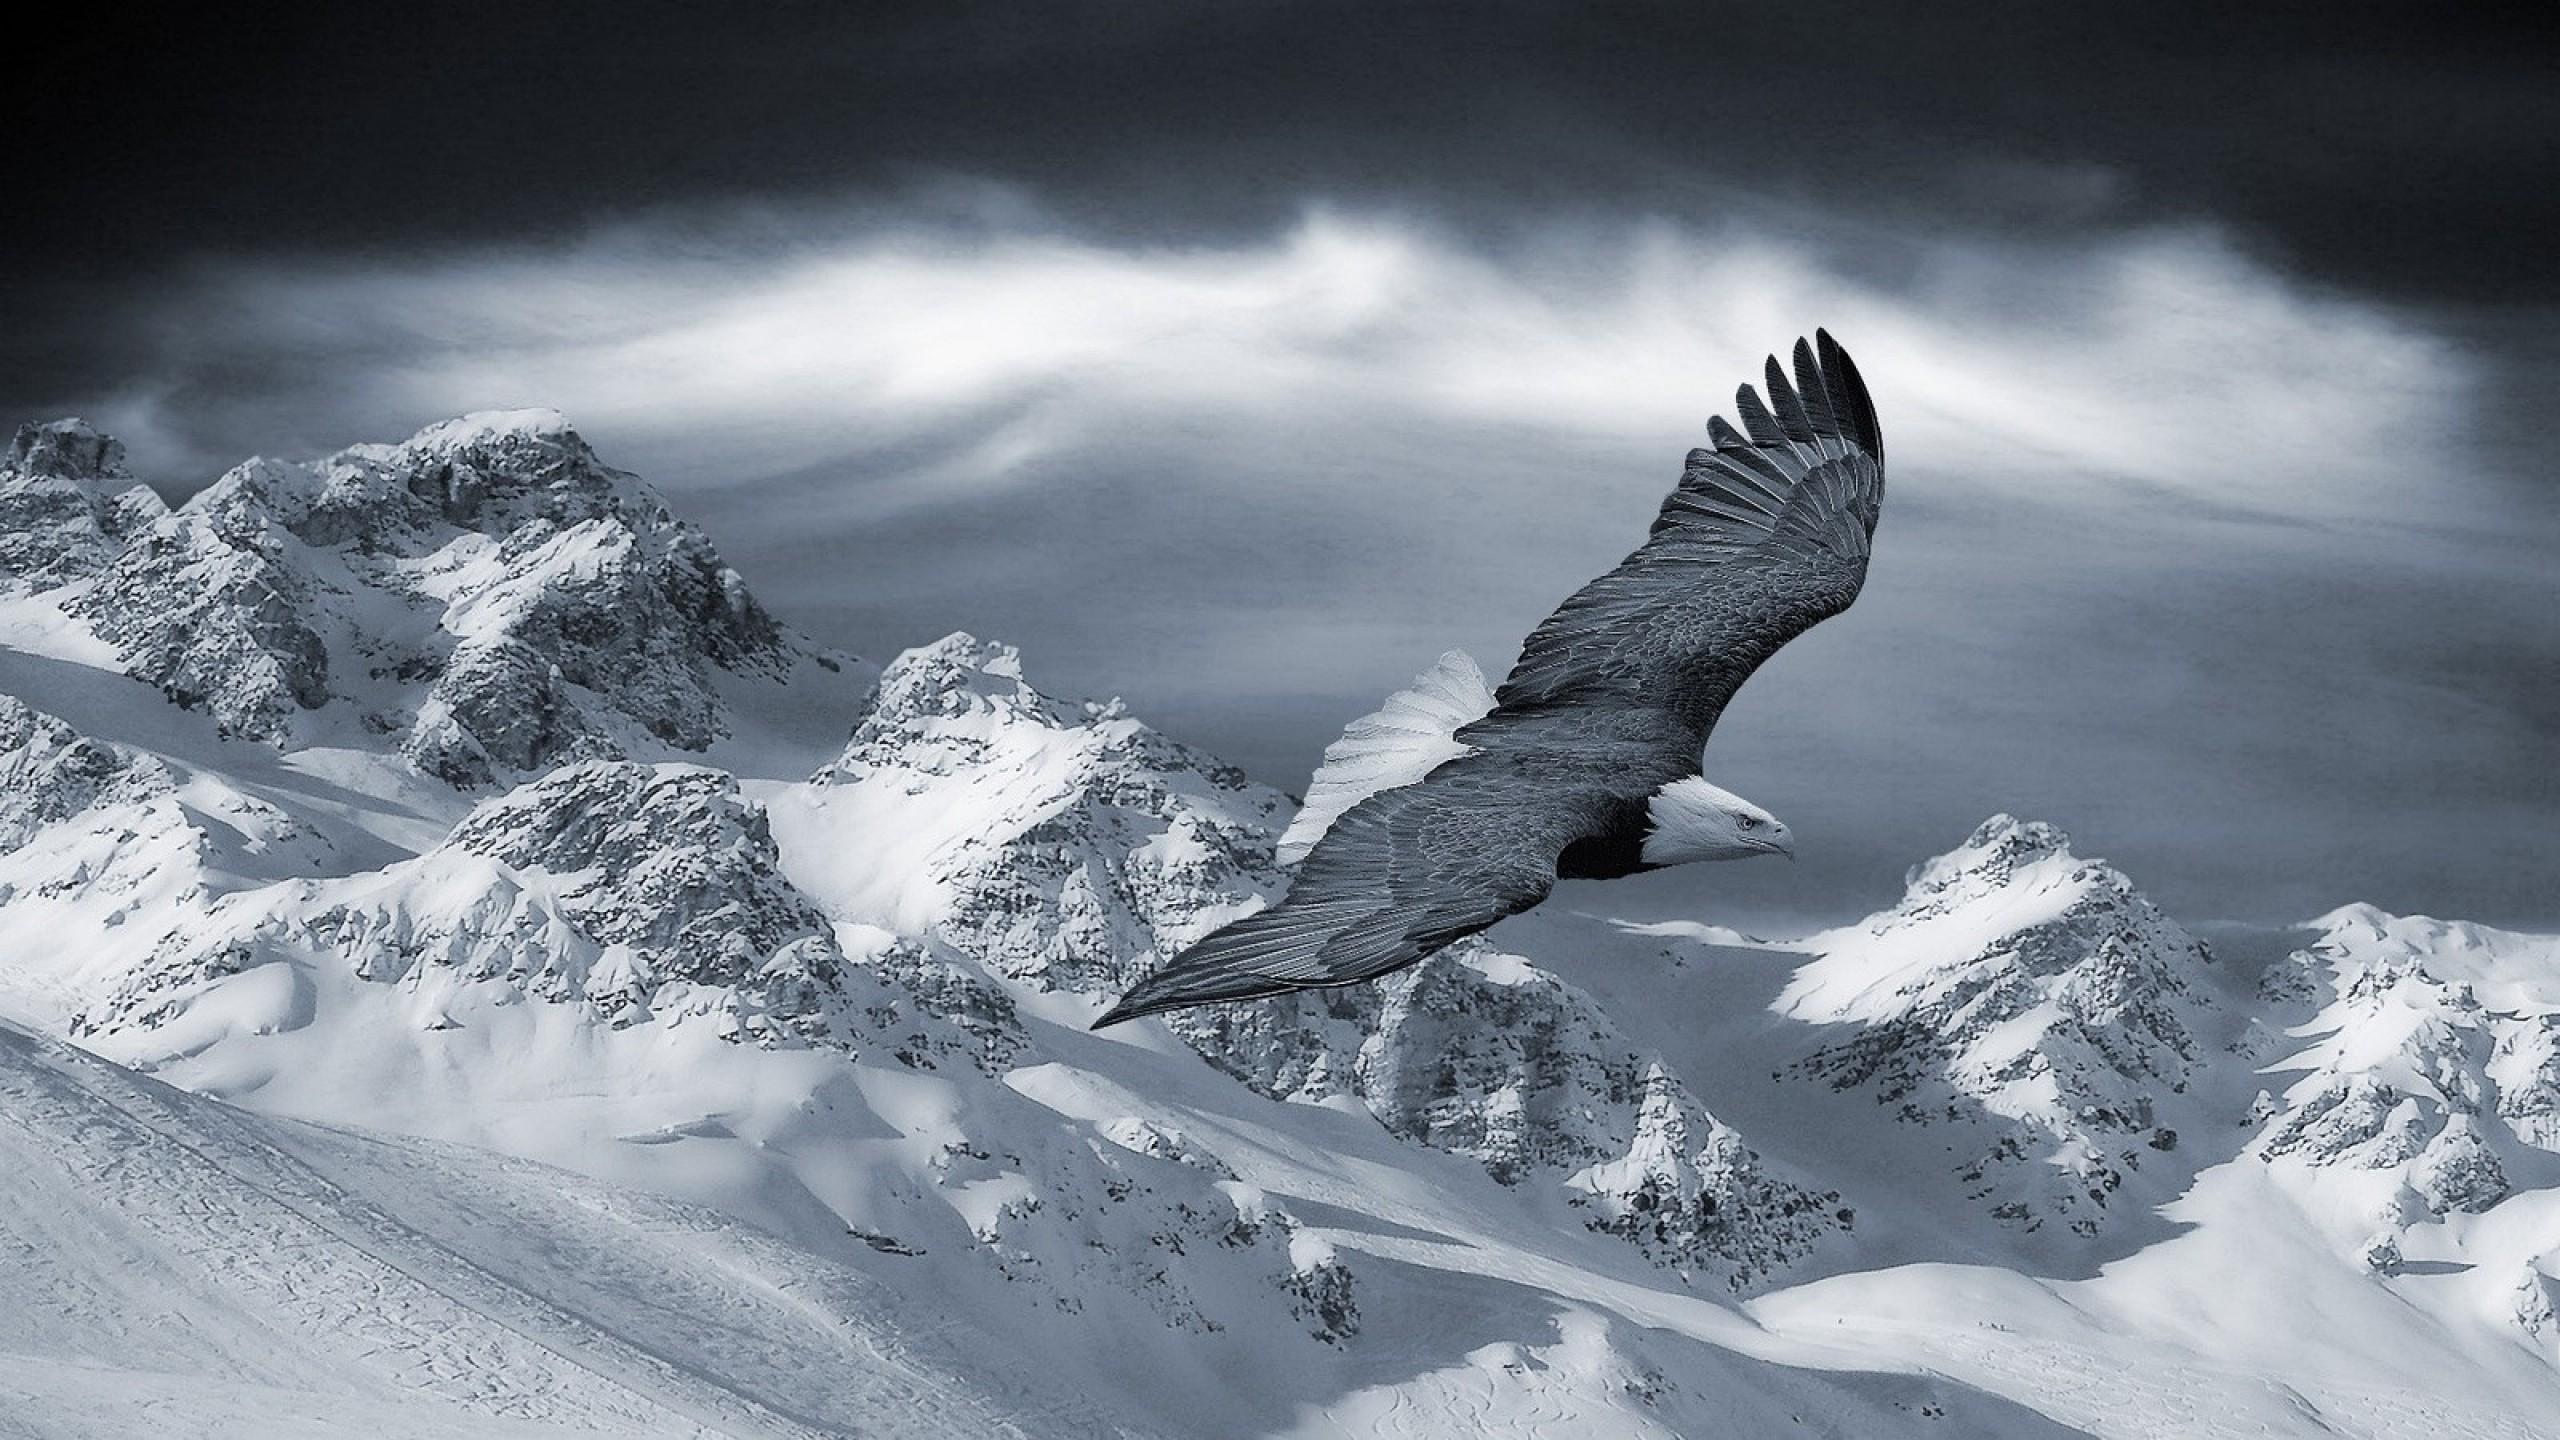 hintergrundbilder kostenlos berge